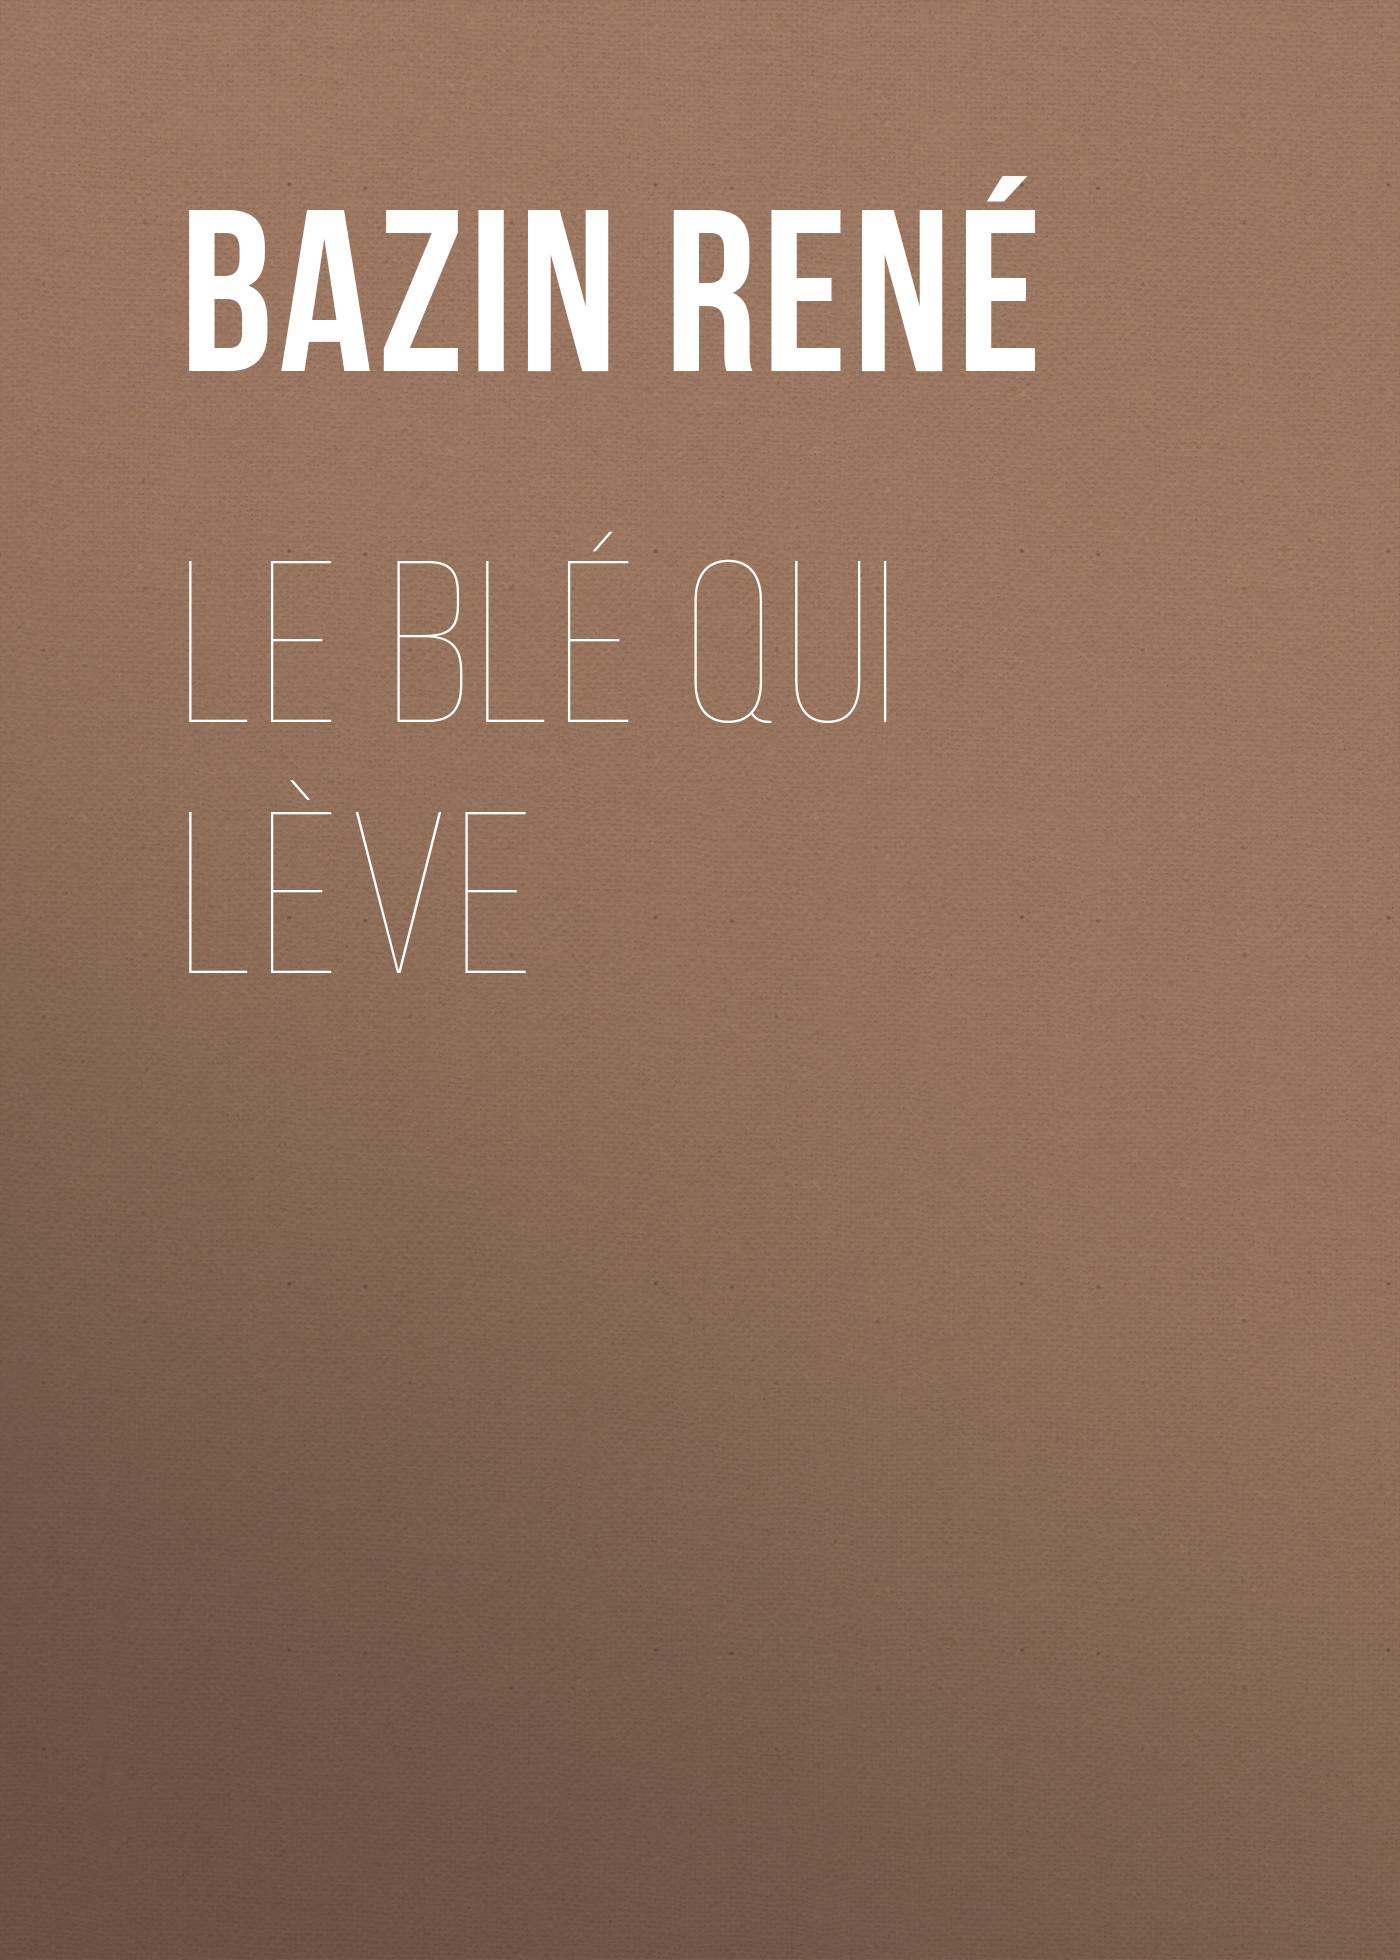 цена на Bazin René Le Blé qui lève